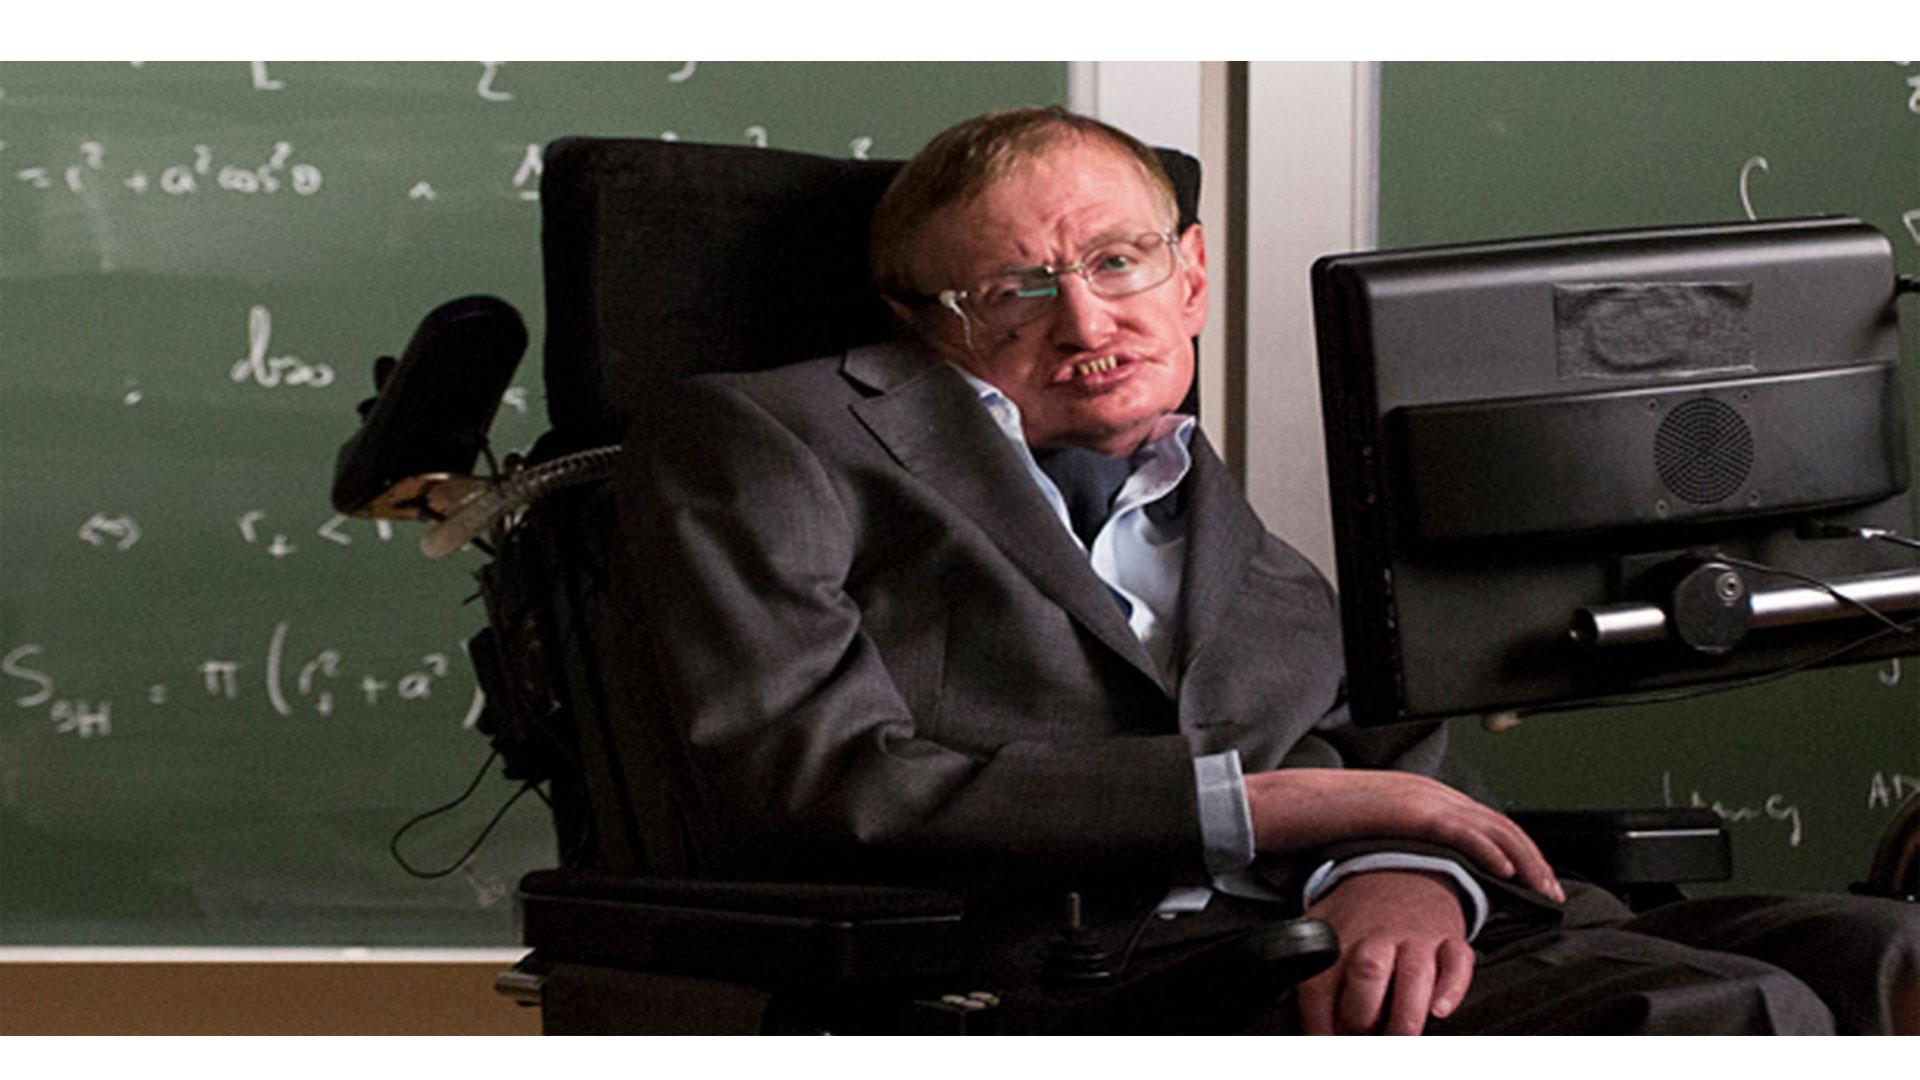 Stephen Hawking considera que esta tecnología podría poner en riesgo el futuro de la humanidad